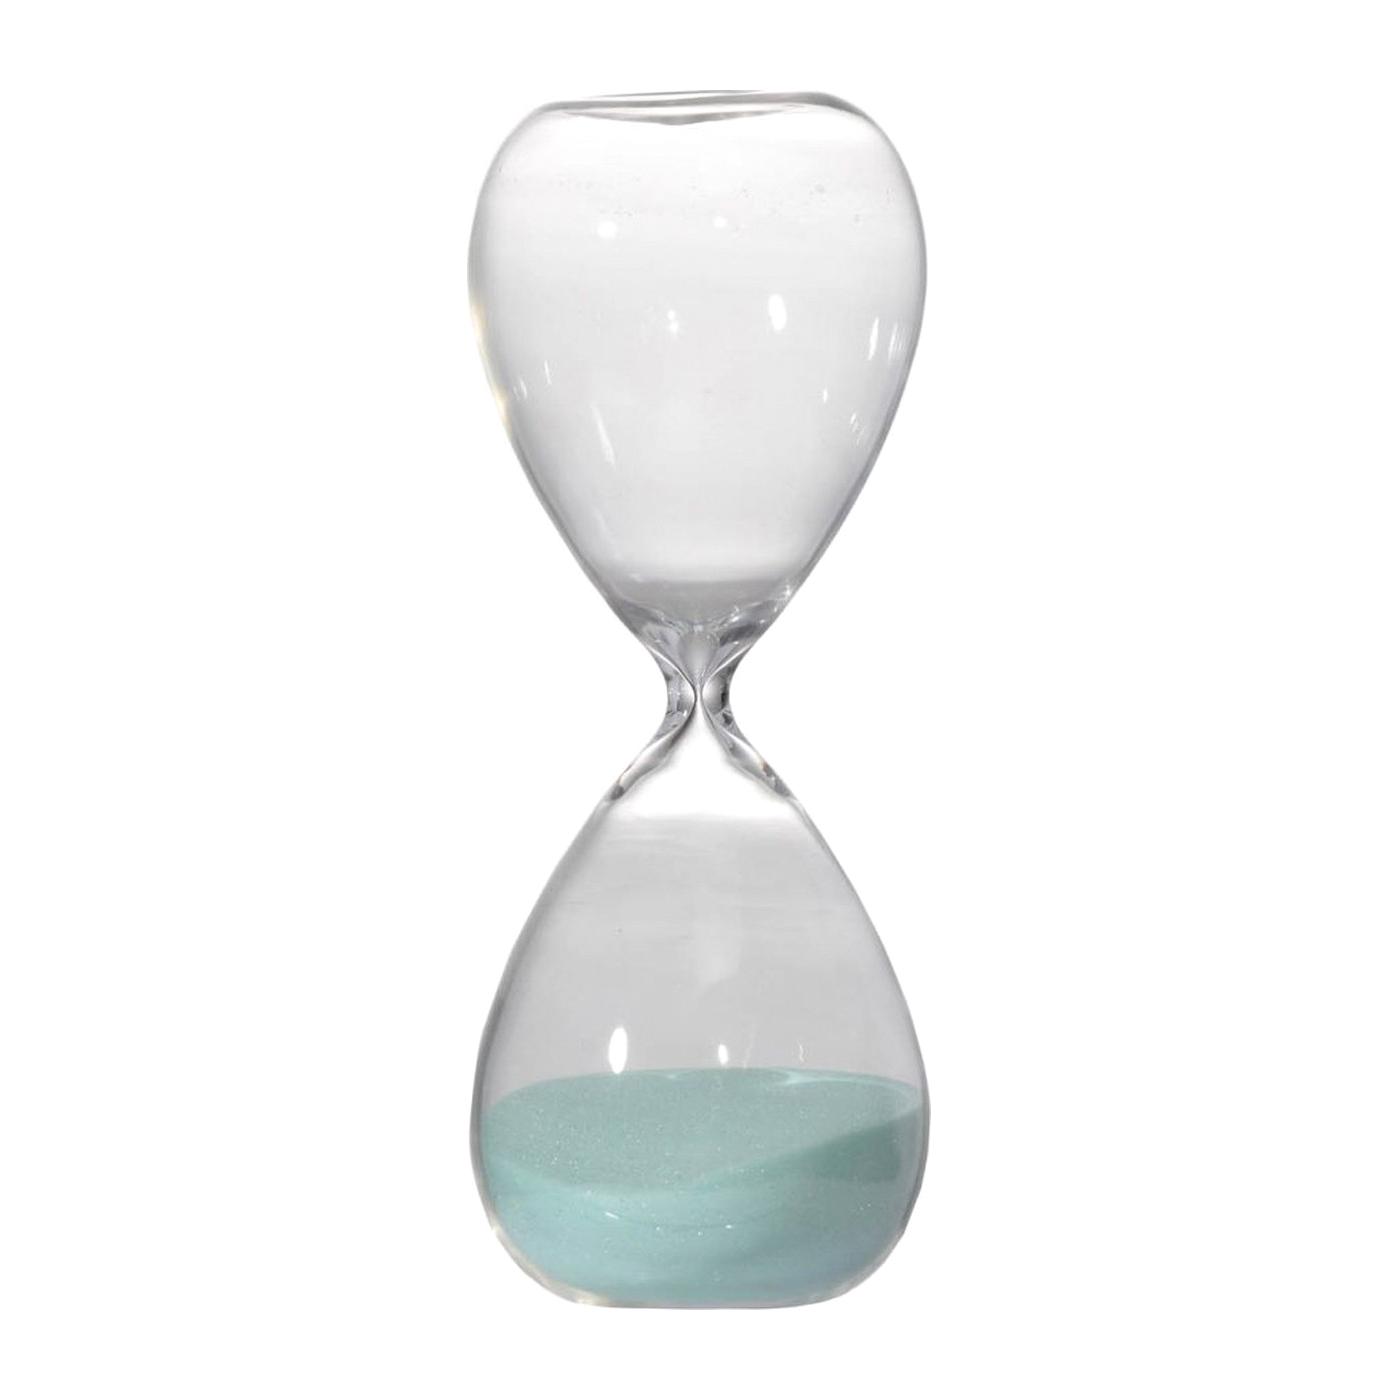 Фото - Декоративное изделие Glasar песочные часы 9x9x26см песочные часы на 60 минут 26 см прозрачный